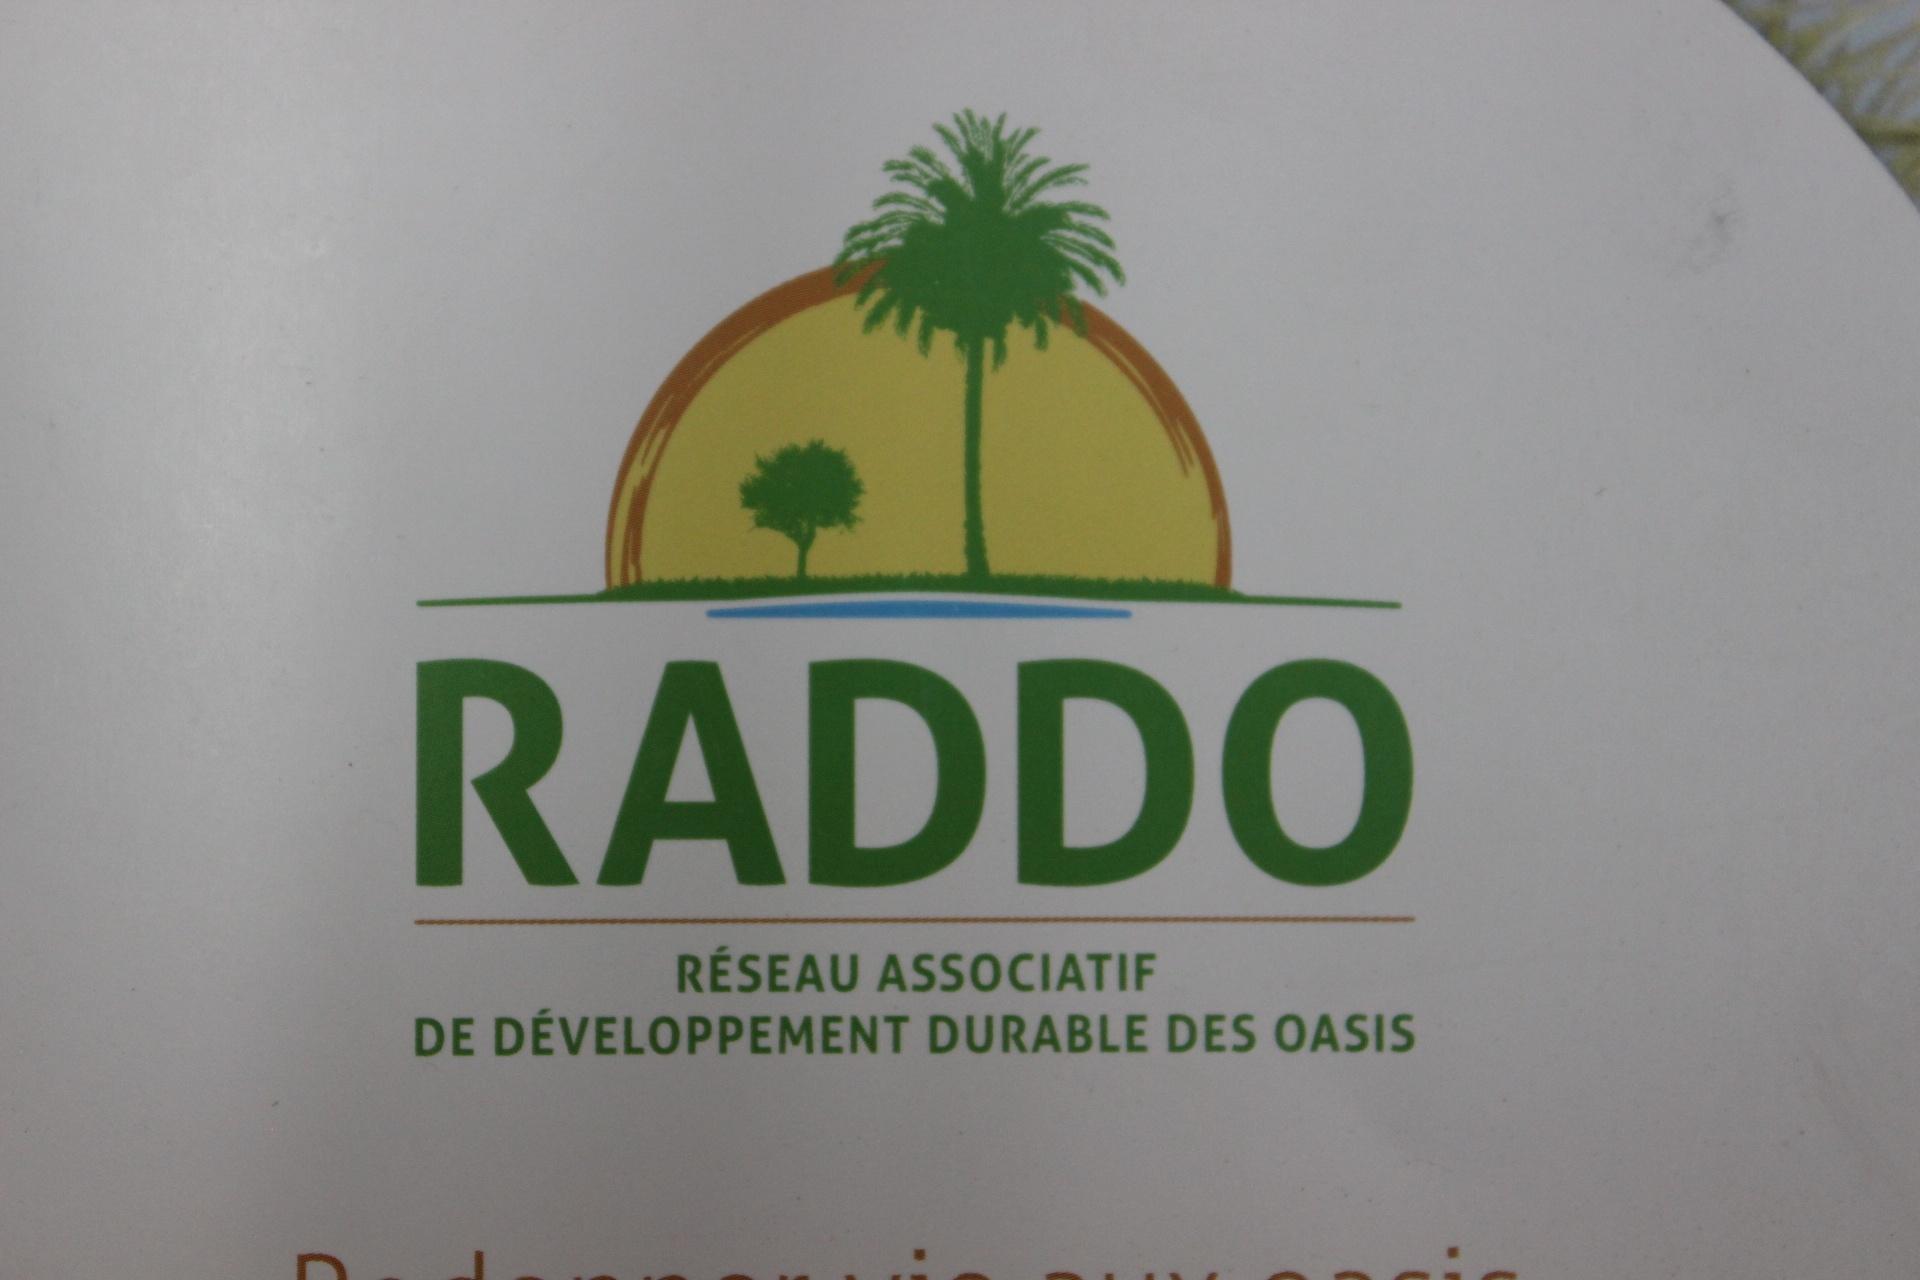 RADDO